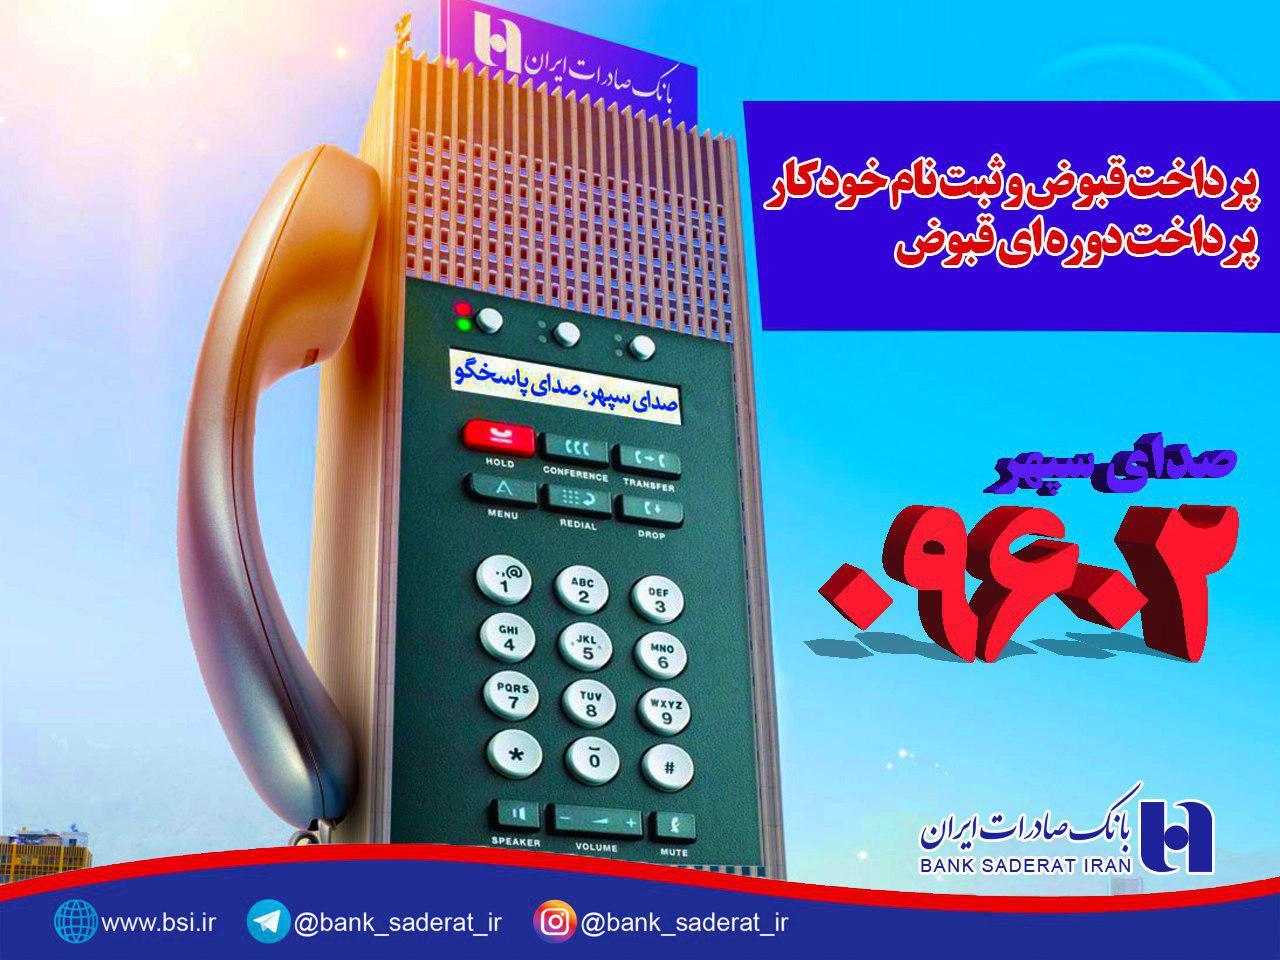 پرداخت خودکار قبض تلفن همراه بدون کارمزد در بانک صادرات